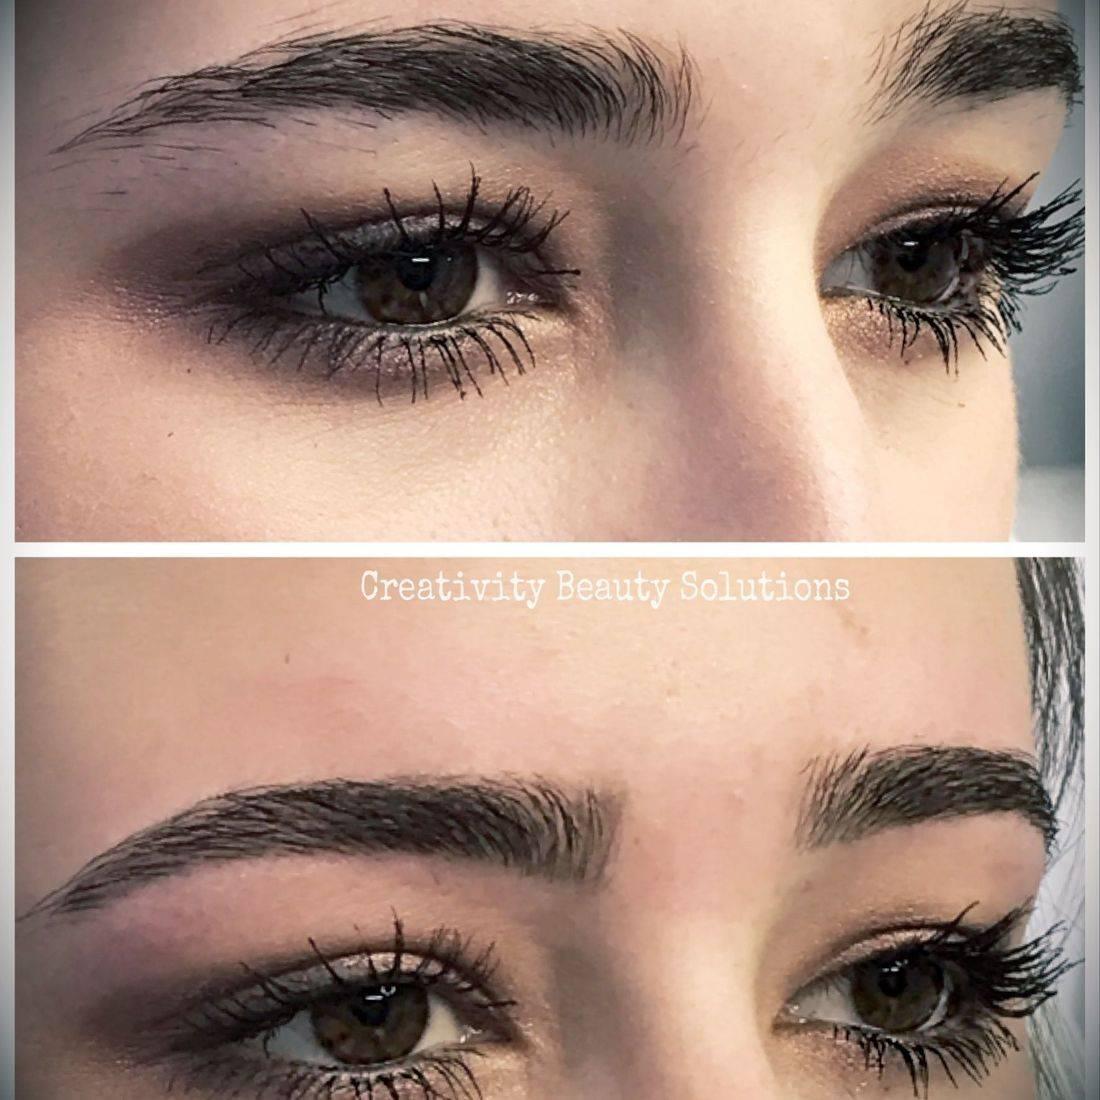 Eyebrow define, brow shape, brow tint, hd brows, eyebrow wax